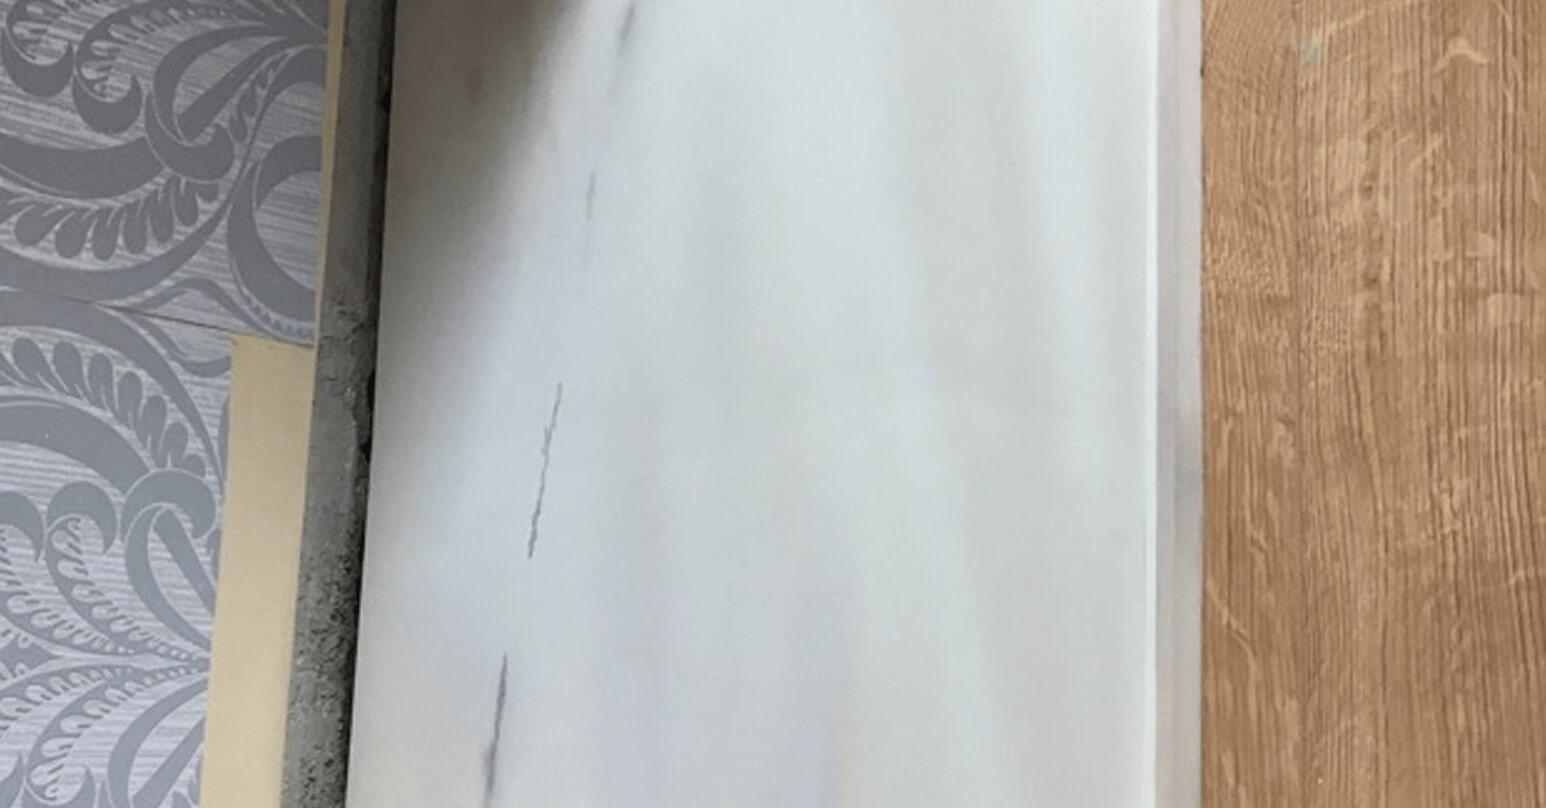 Cracked marble worktop - After repair